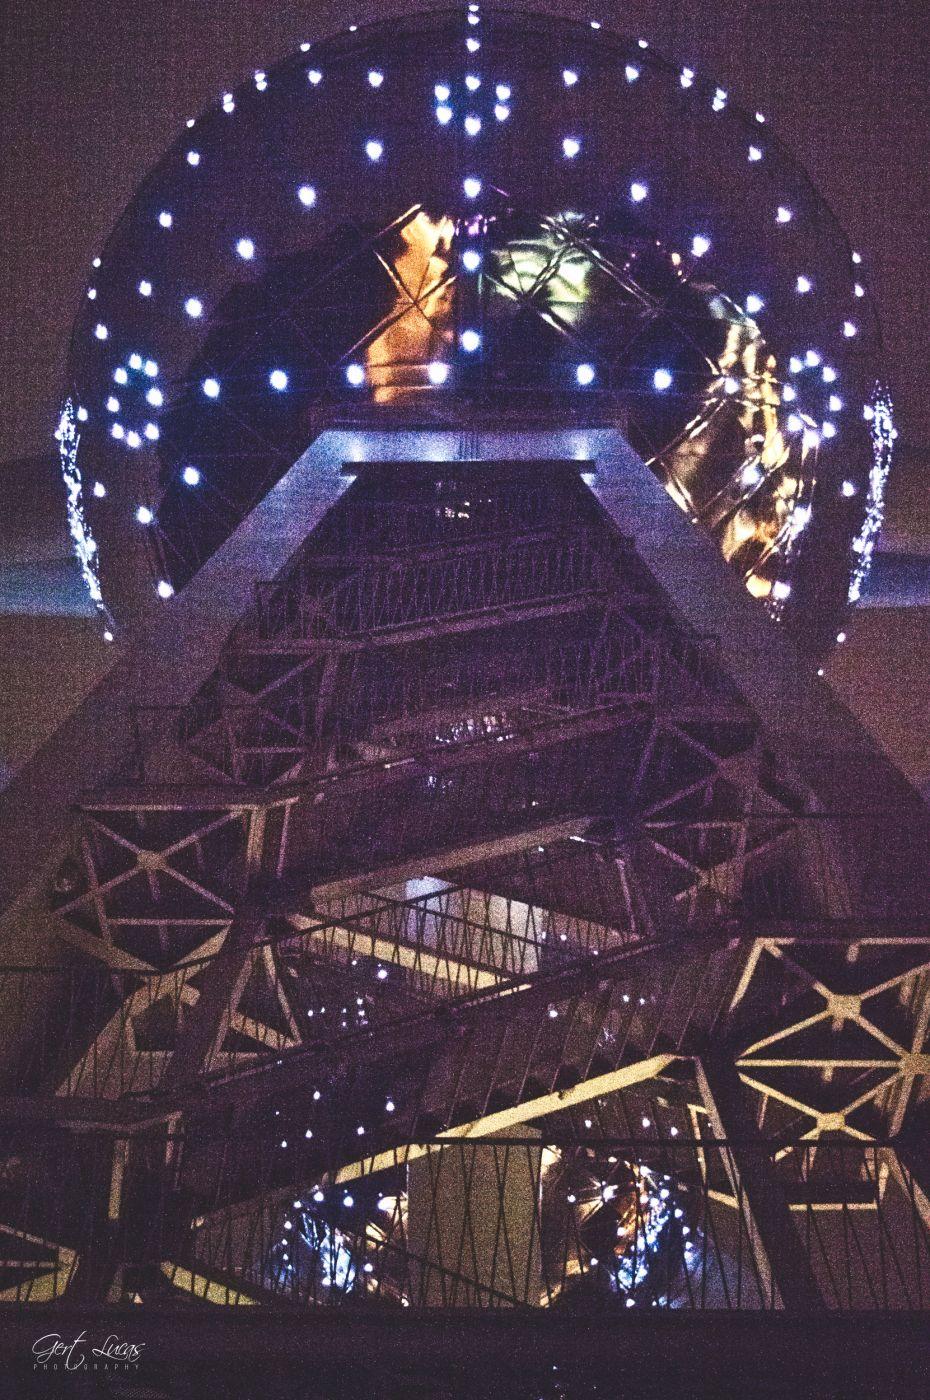 Atomium - The Ladder, Belgium